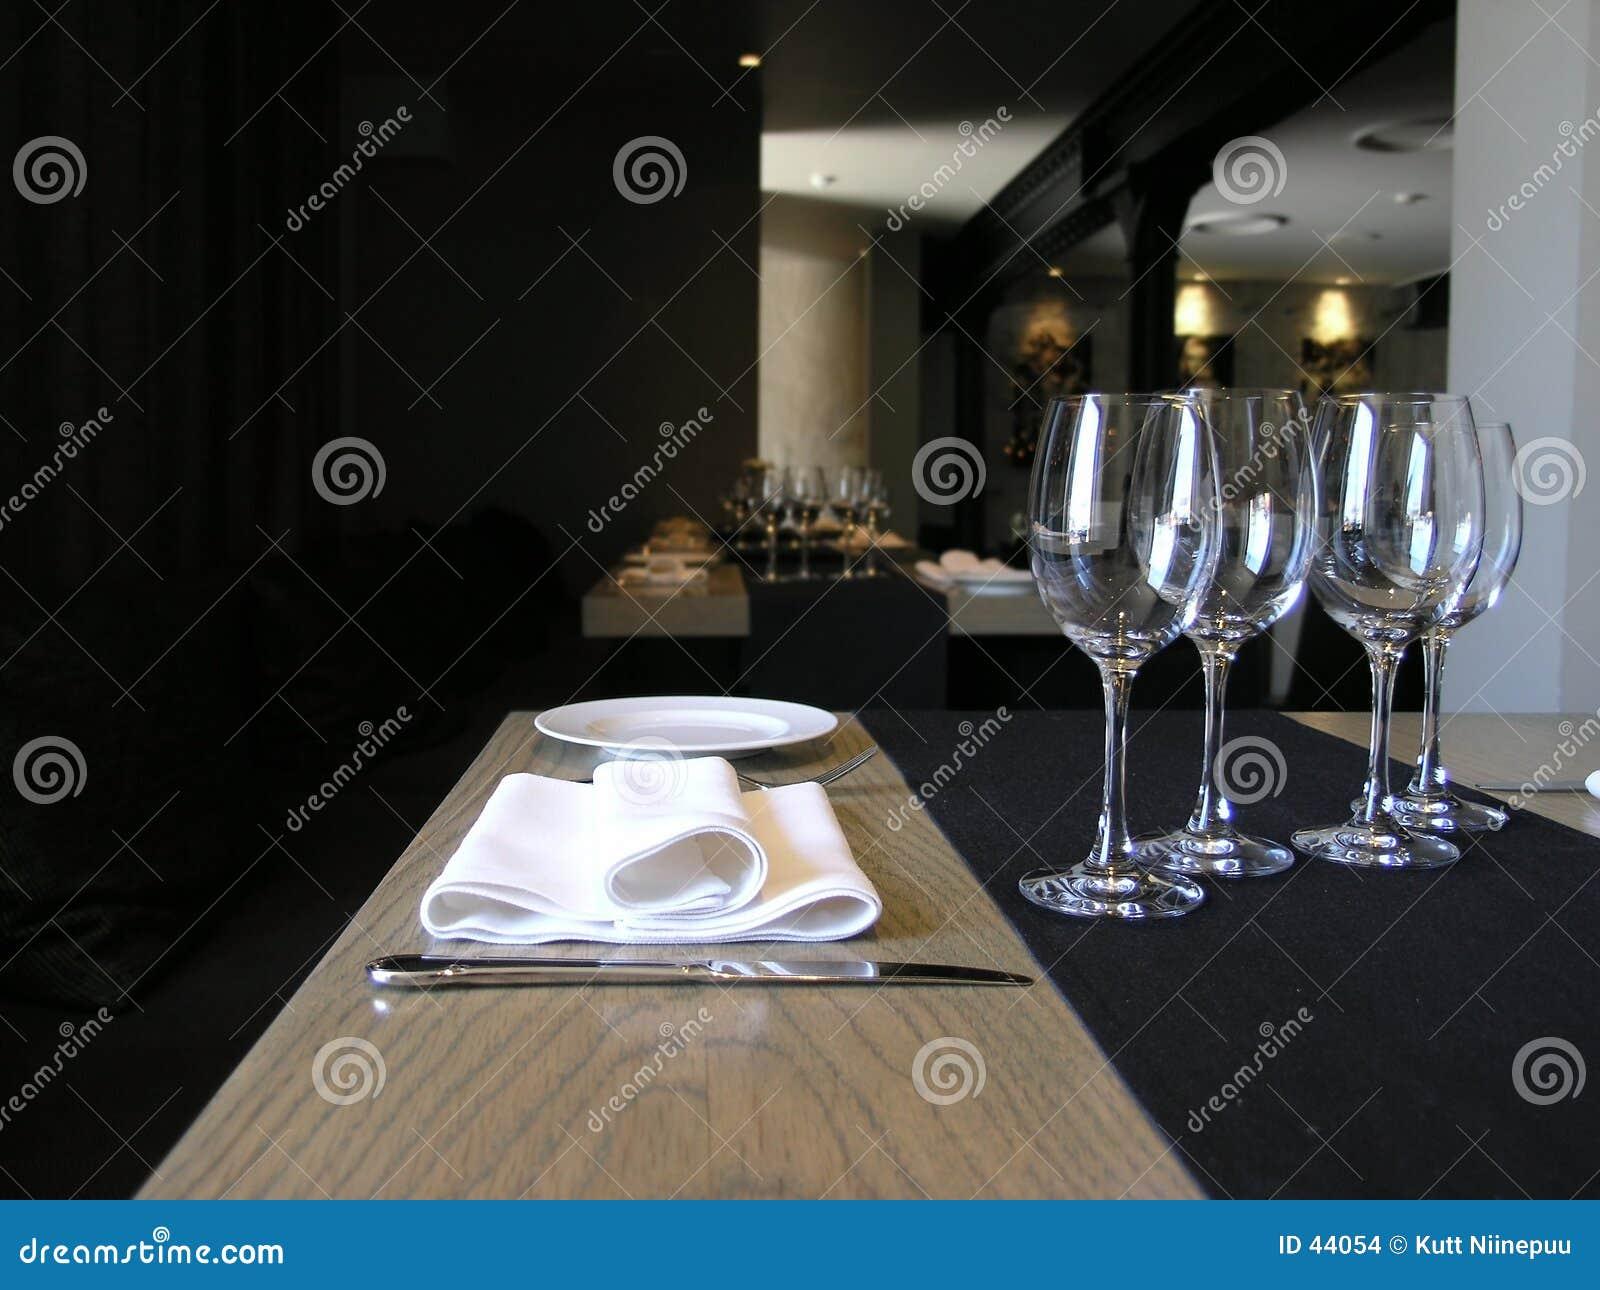 Vår restaurang som ska välkomnas